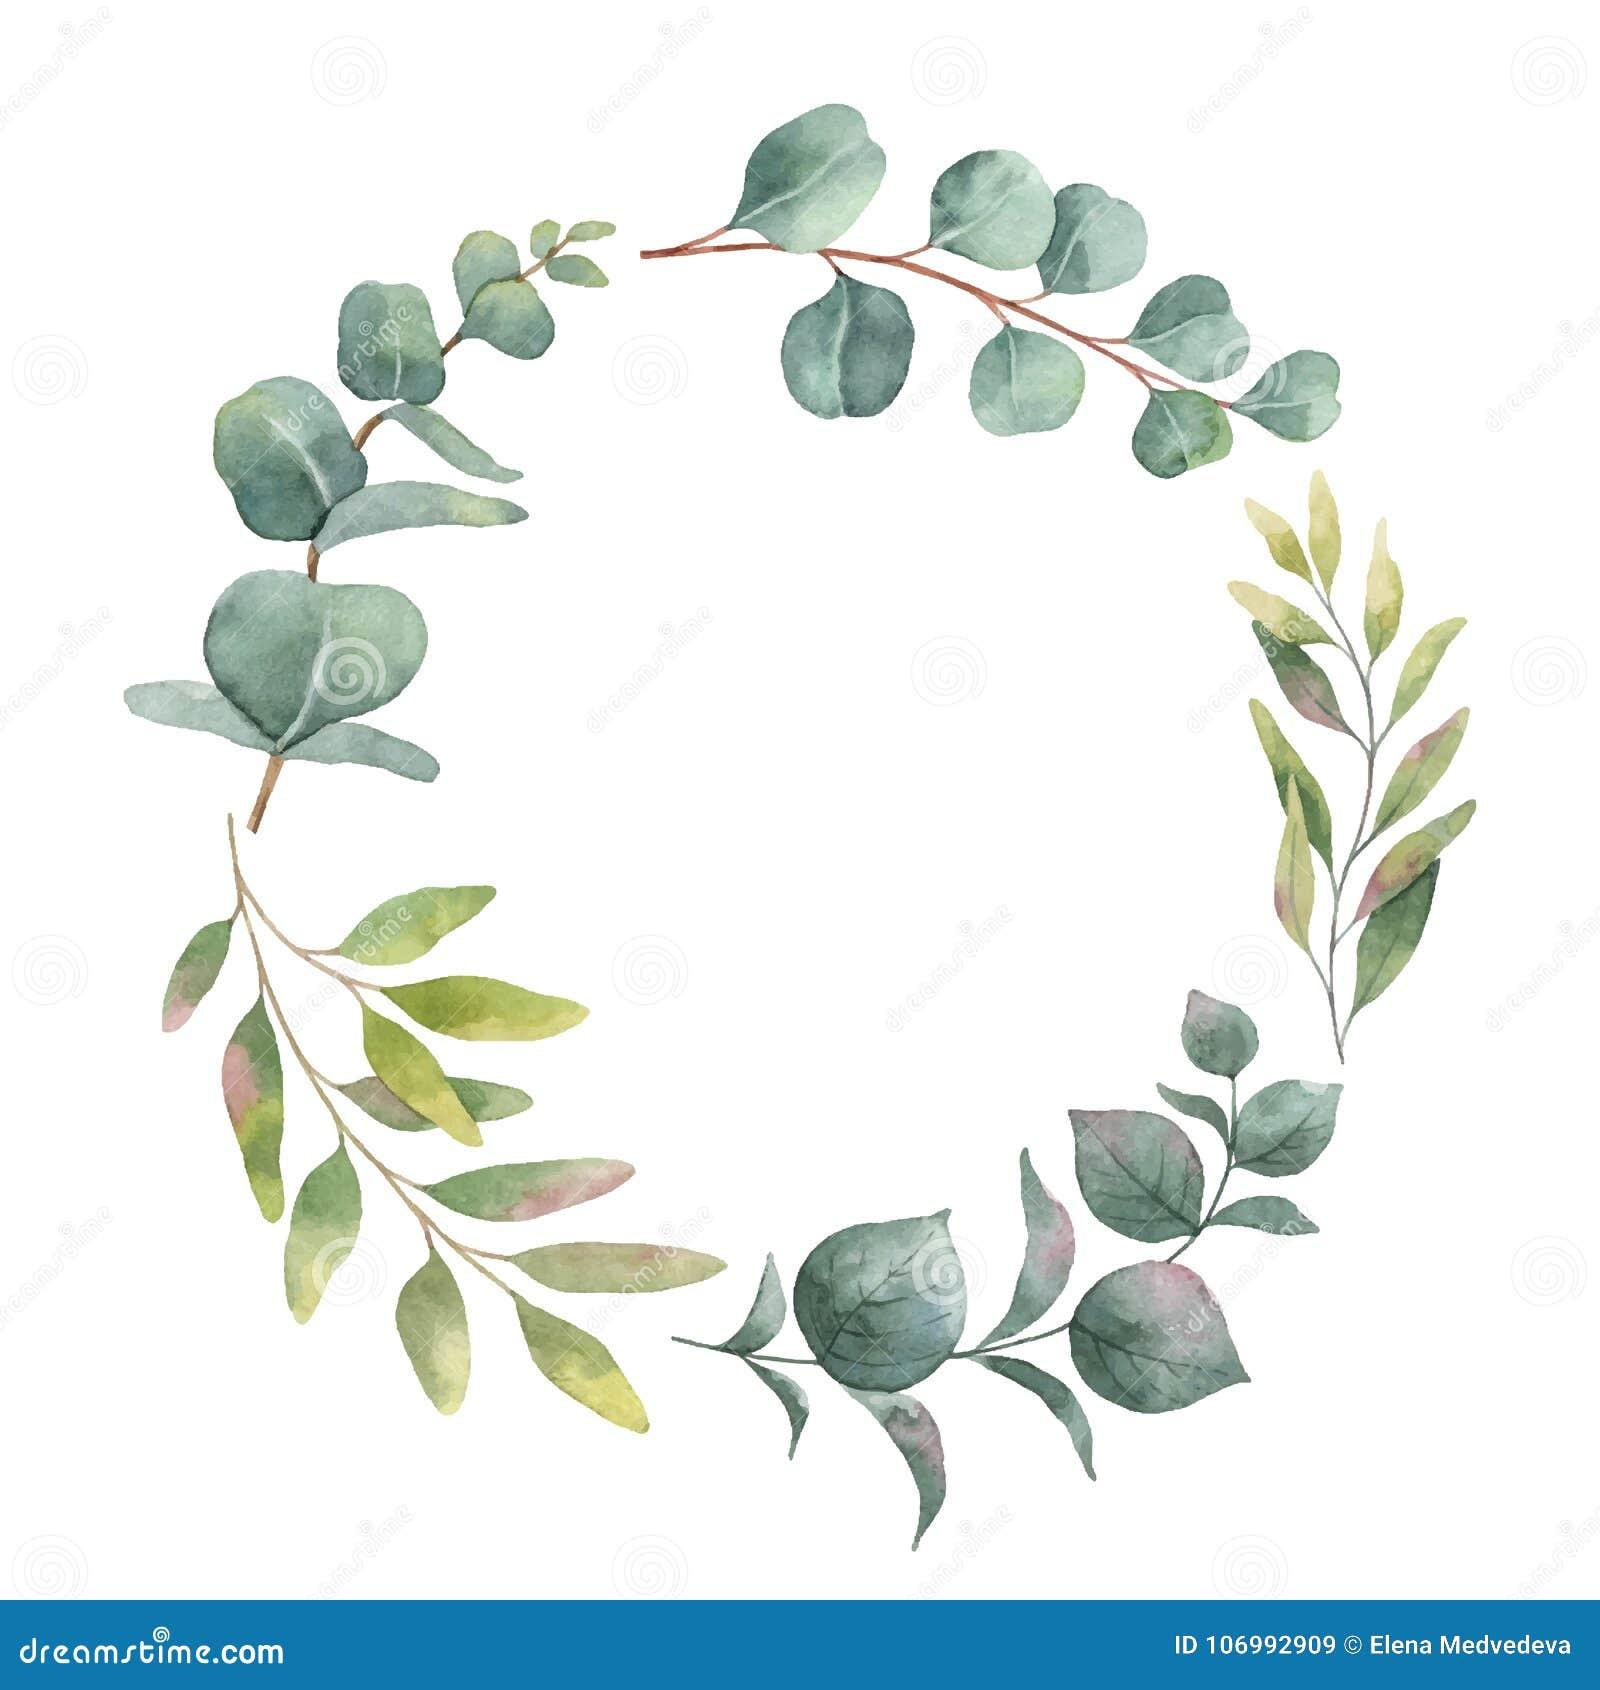 Akwarela wektorowy wianek z zielonym eukaliptusem opuszcza i rozgałęzia się